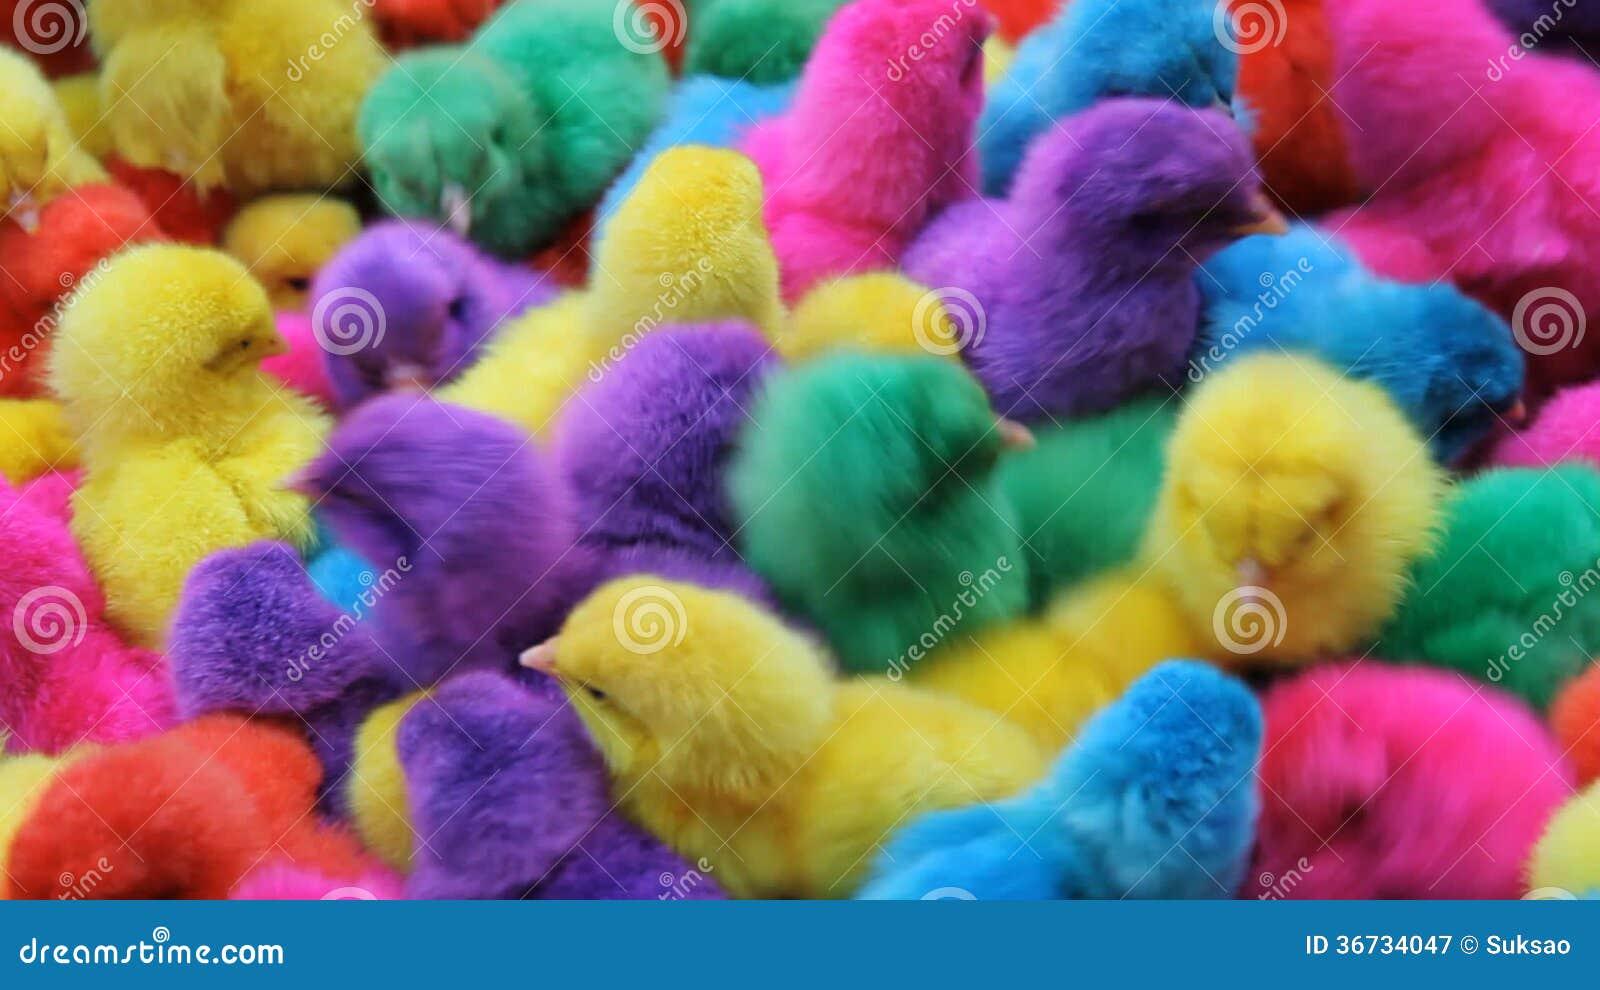 Asombroso Página De Color De Pollo Foto - Dibujos Para Colorear En ...